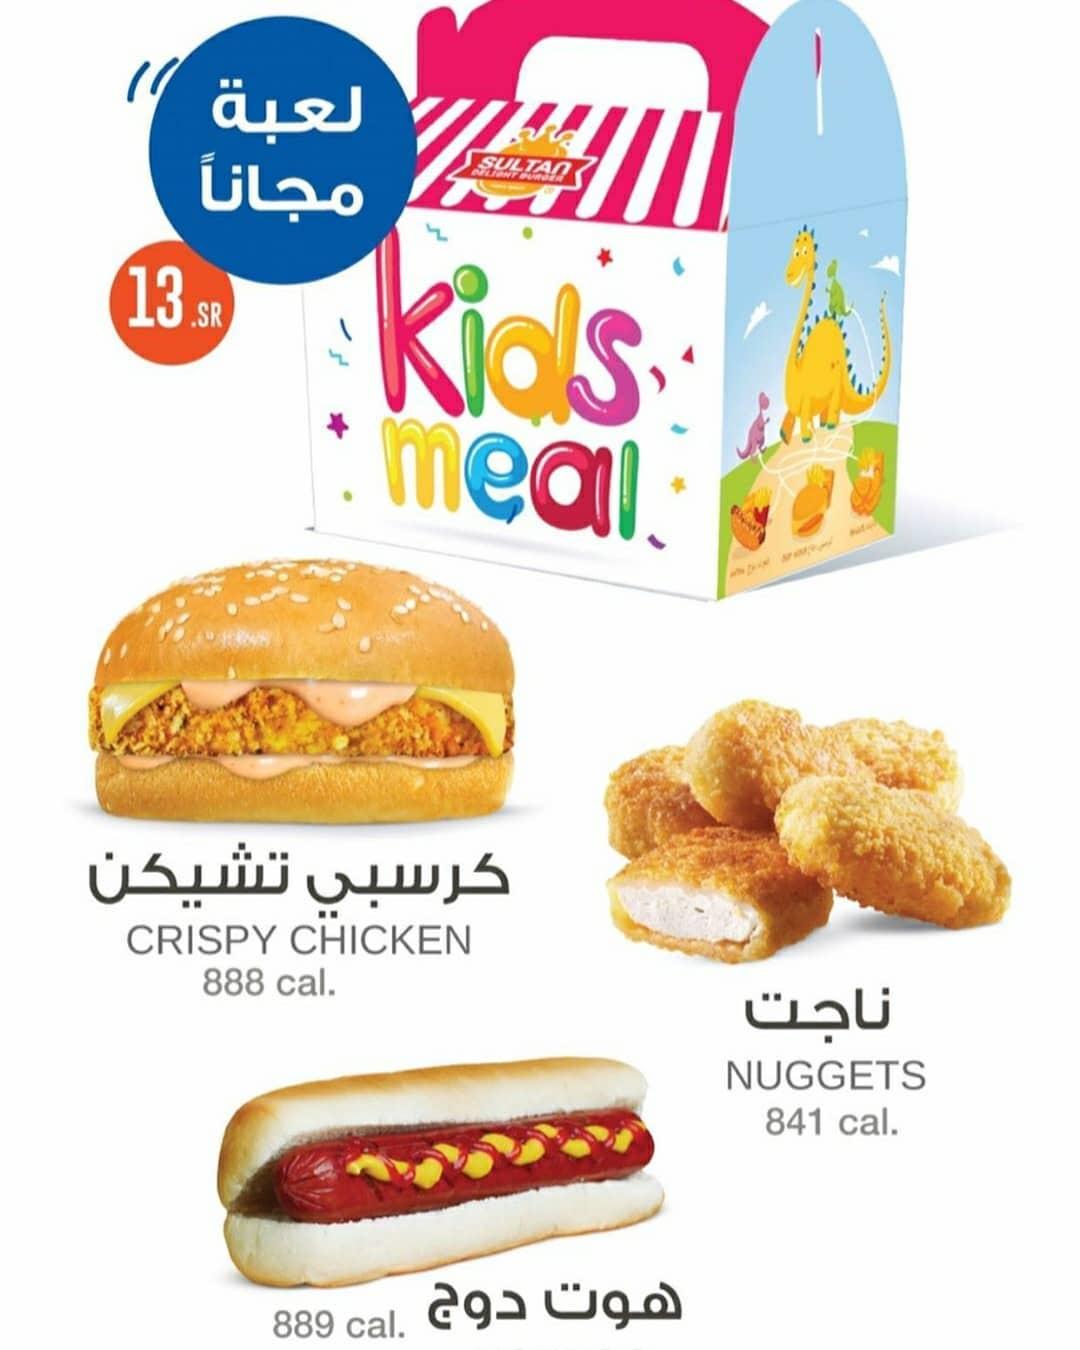 منيو مطعم سلطان دي لايت برجر الأسعار المنيو الموقع كافيهات و مطاعم السعودية